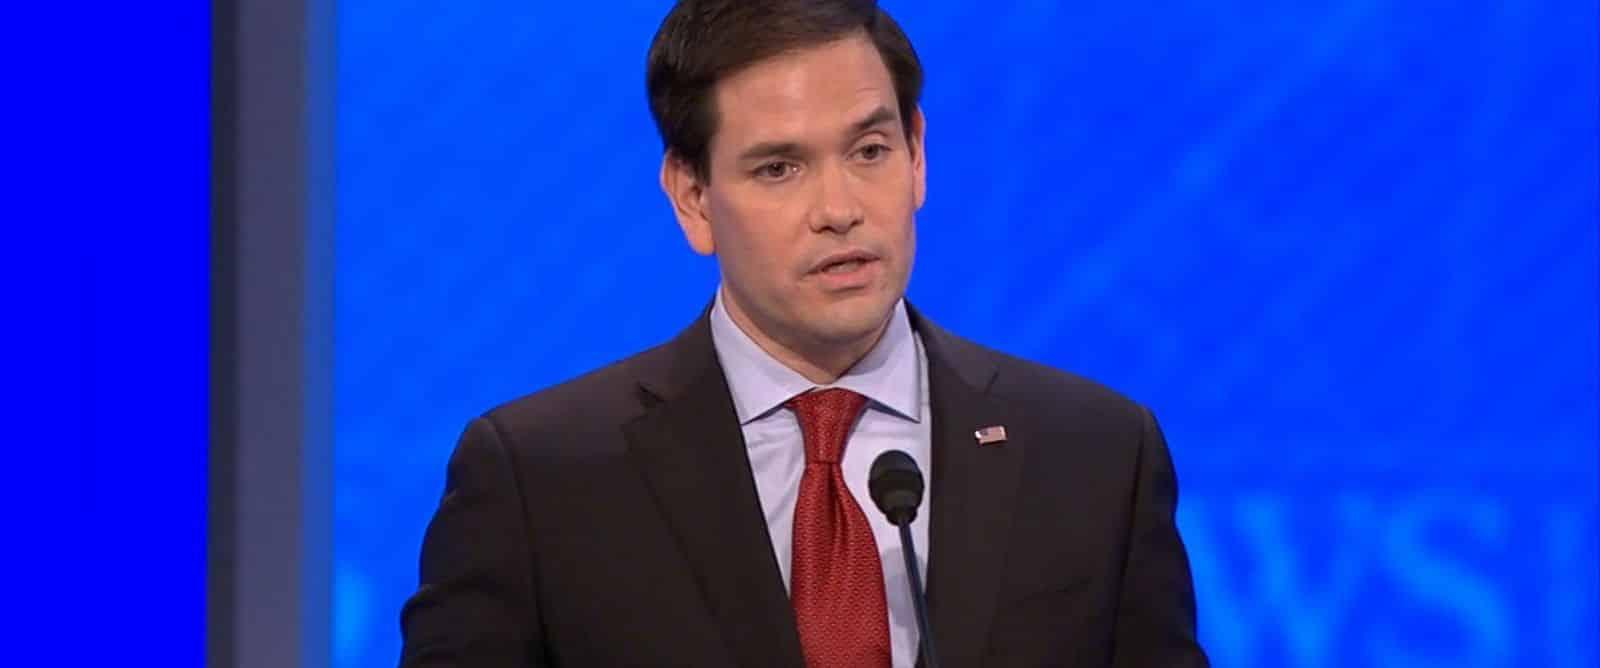 Bug : Marco Rubio répète 3 fois la même chose lors du débat du New Hampshire